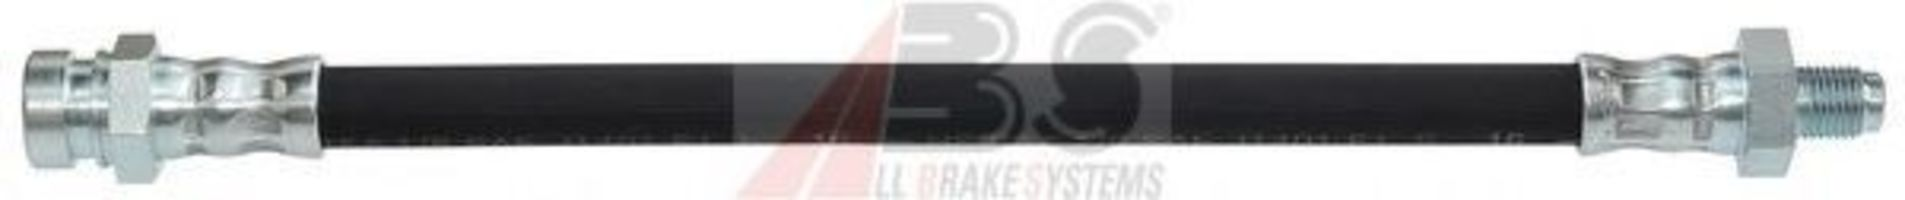 Шланг тормозной A.B.S. SL 6160